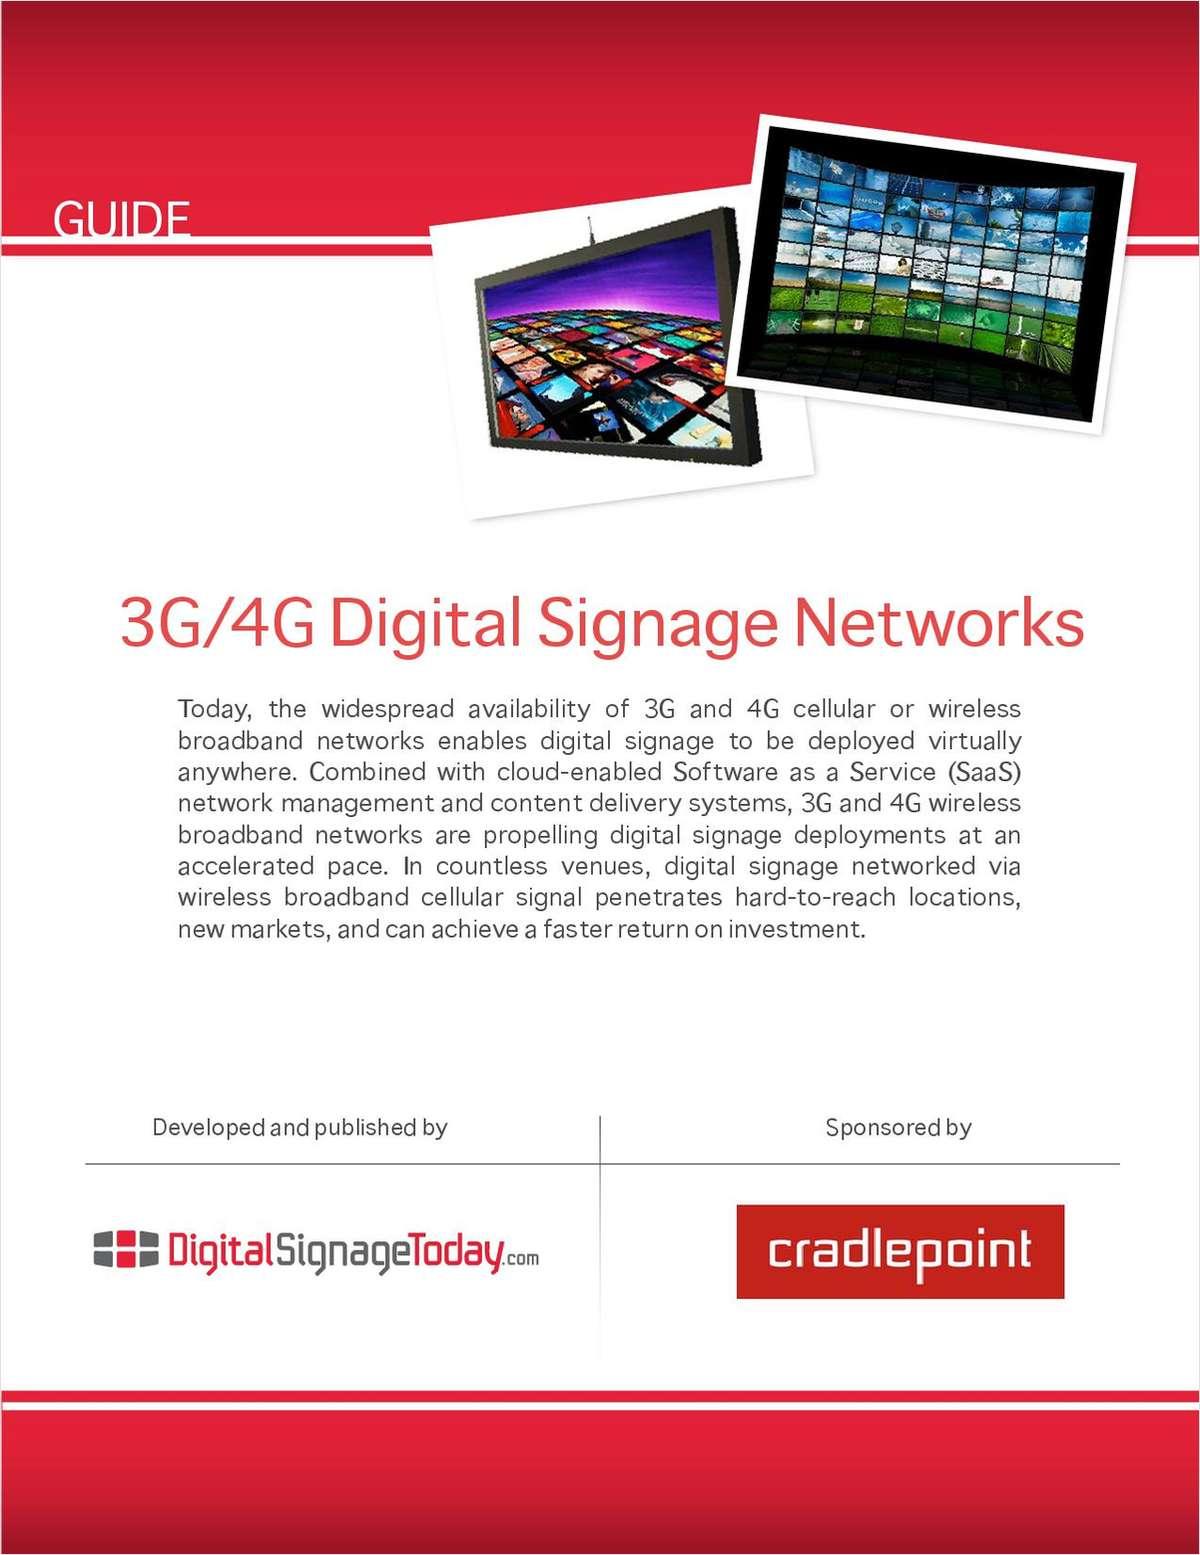 3G/4G Digital Signage Guide